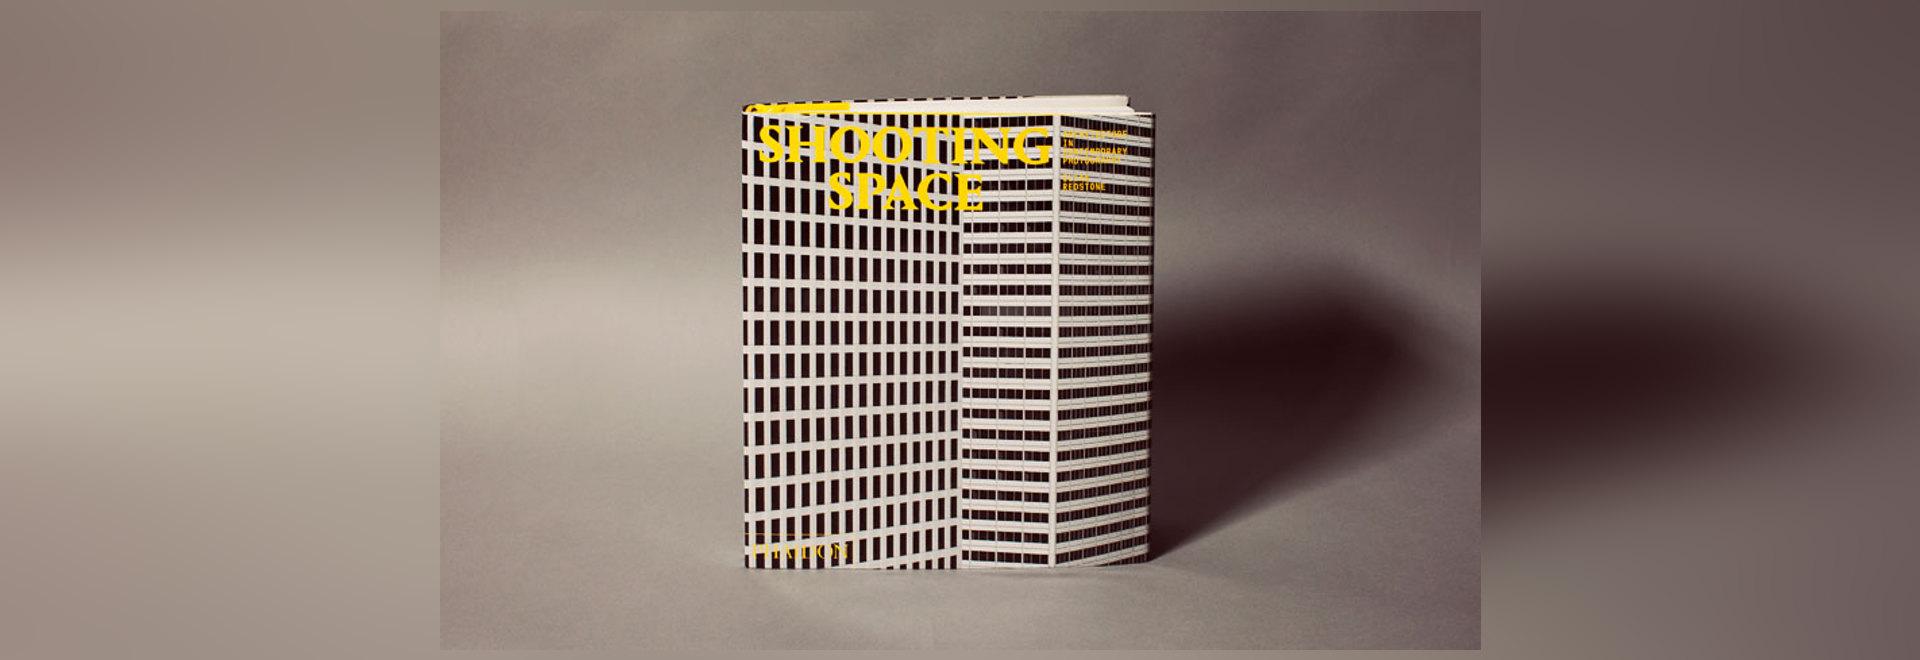 In seinem neues Buch Schießen-Raum konzentriert sich Elias Redstone auf das Verhältnis zwischen Architektur und Fotographie in einem Alter der schnellen Verfeinerung, von der Perspektive des Künstl...